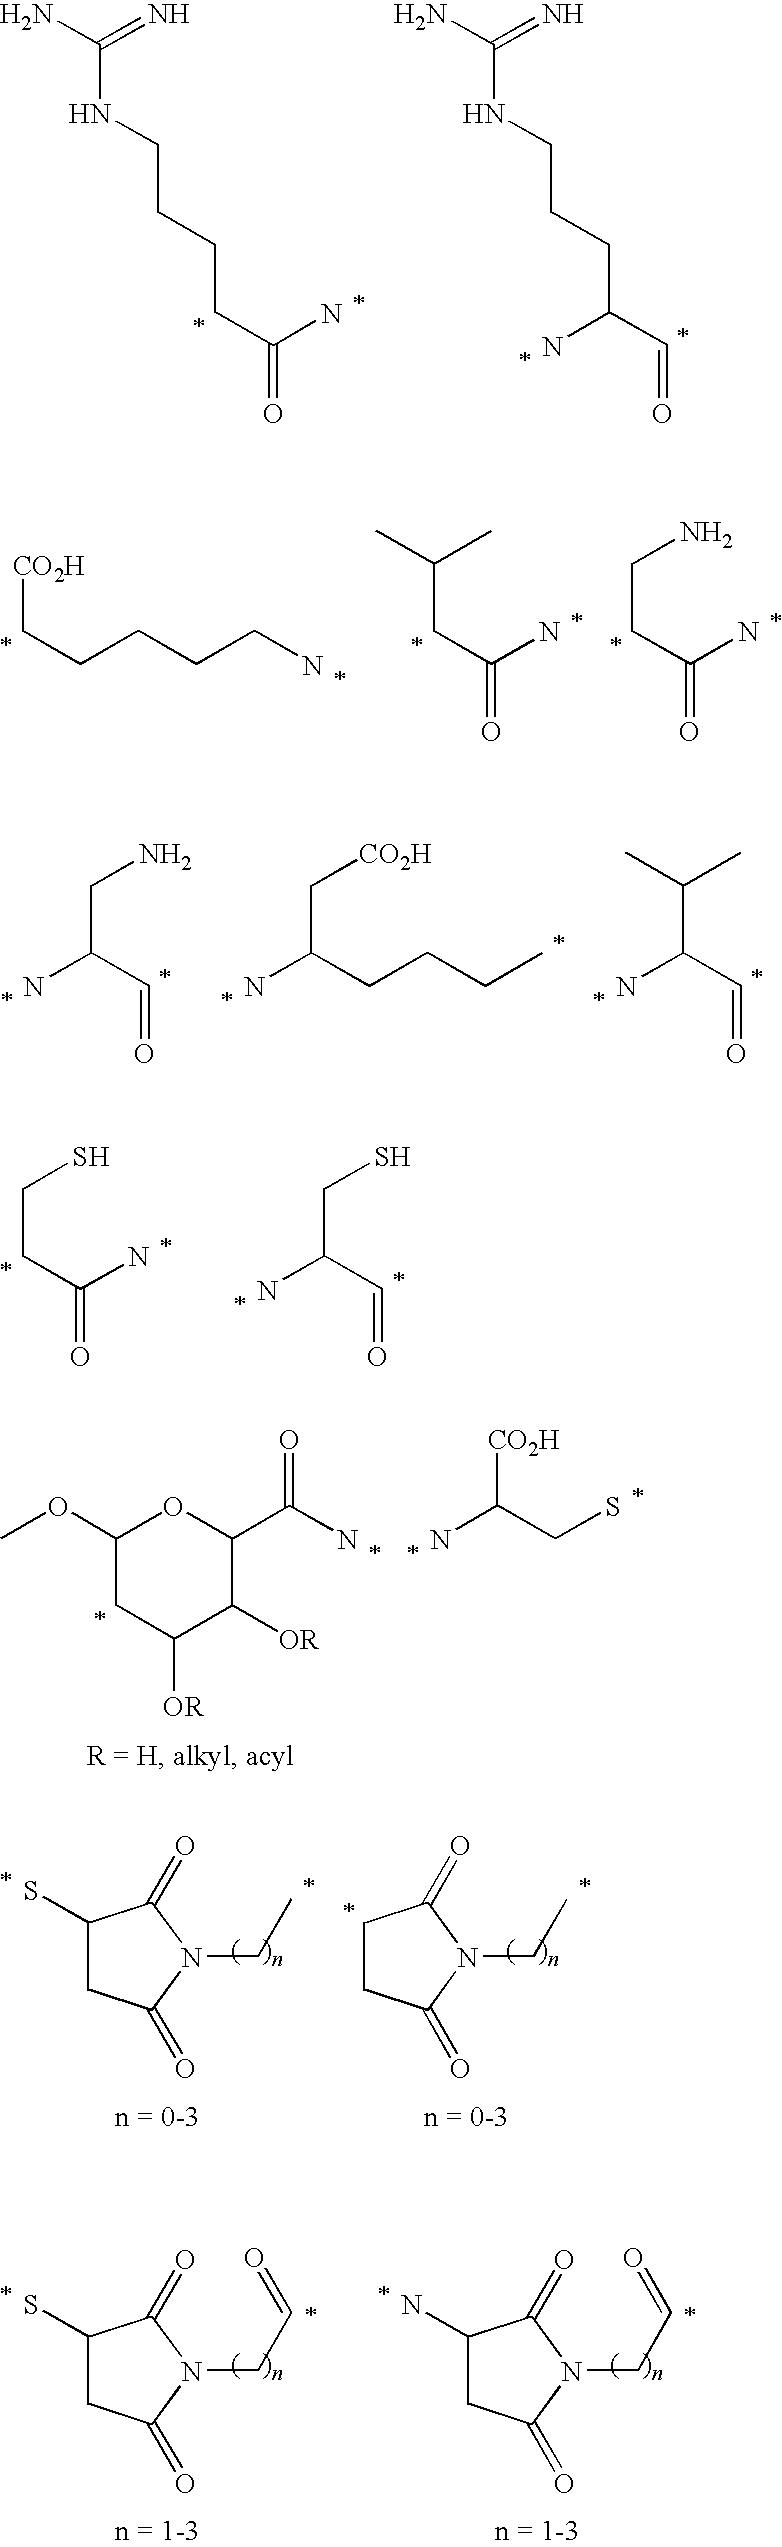 Figure US20100104626A1-20100429-C00003